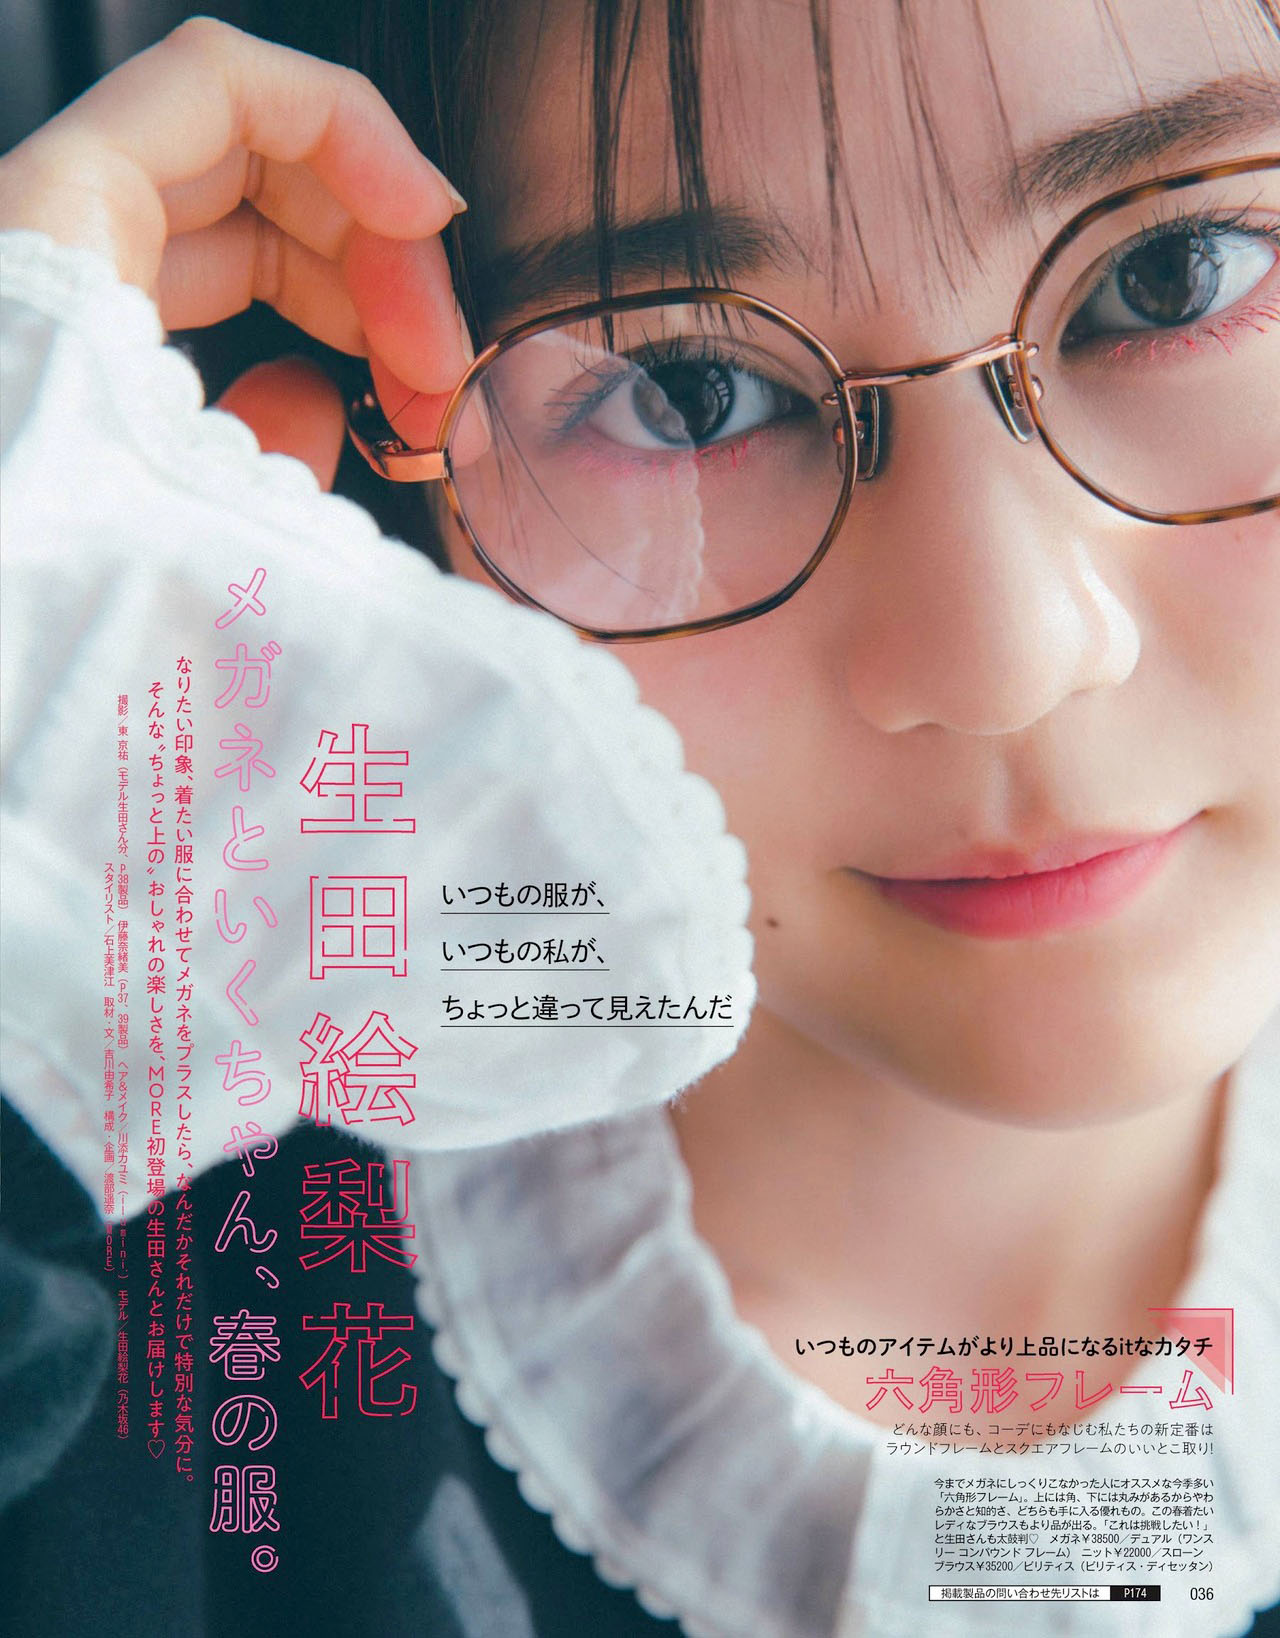 EIkuta More 2105 01.jpg